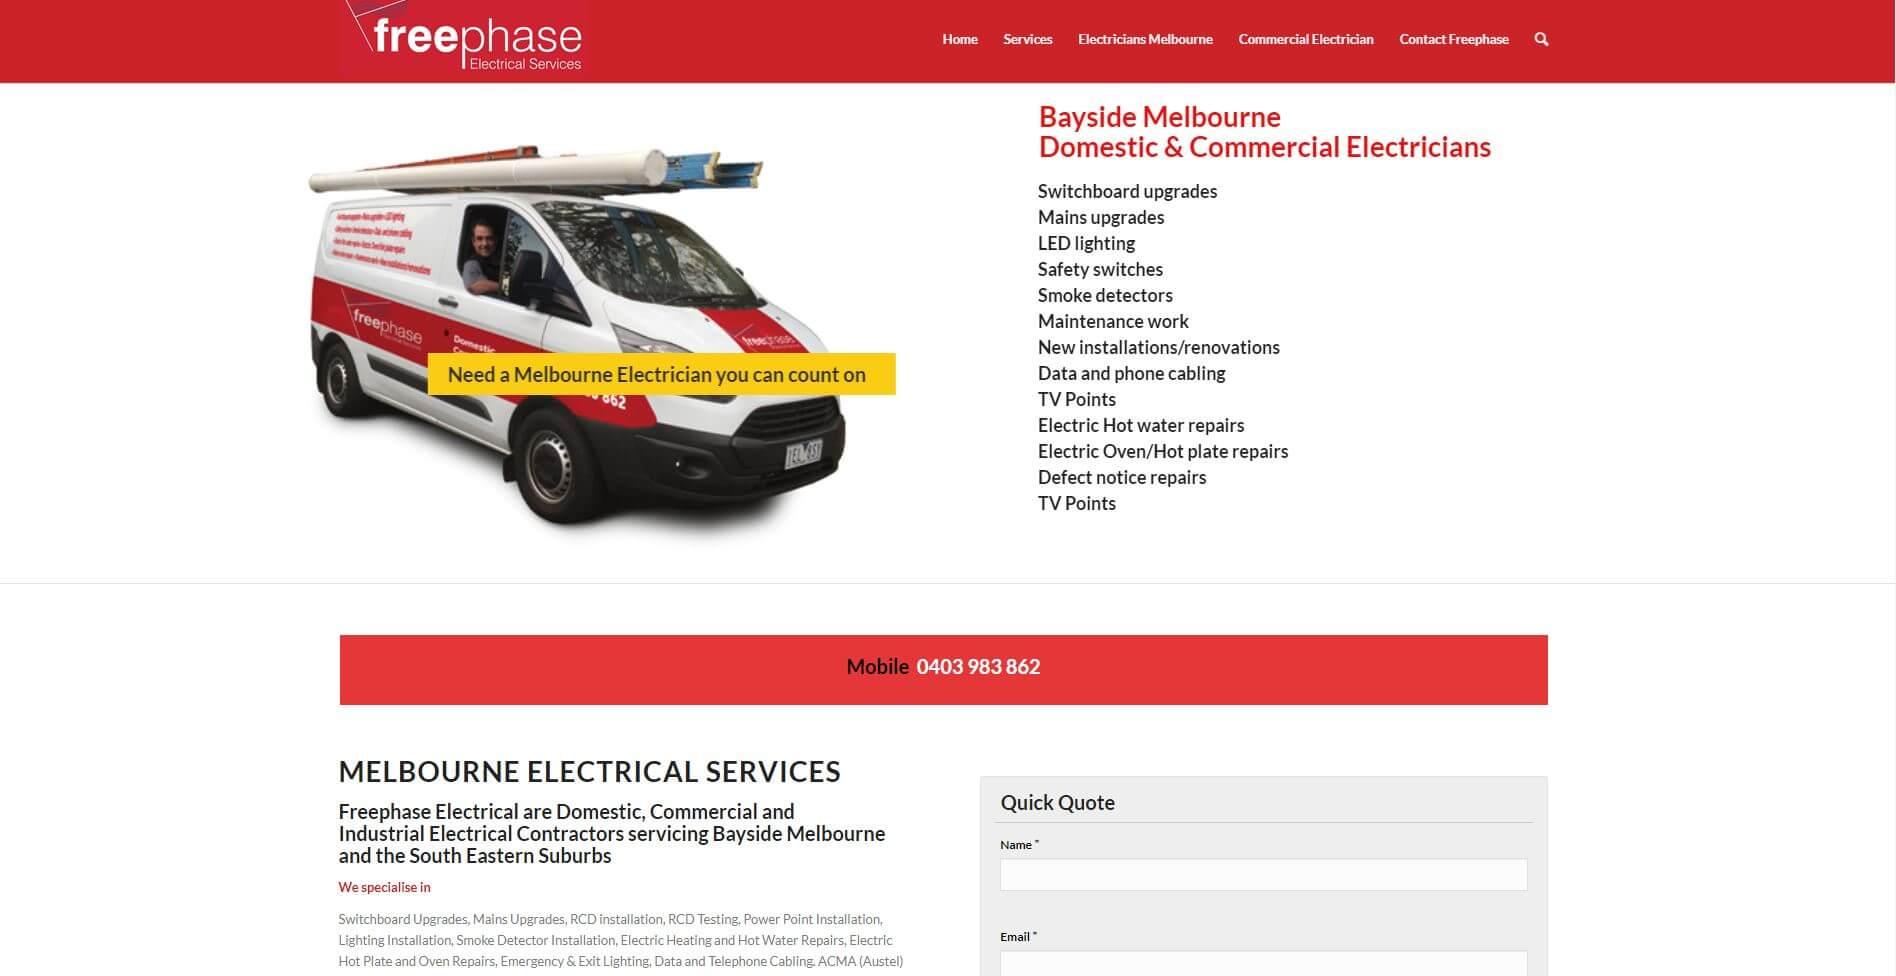 Freephase Electrical